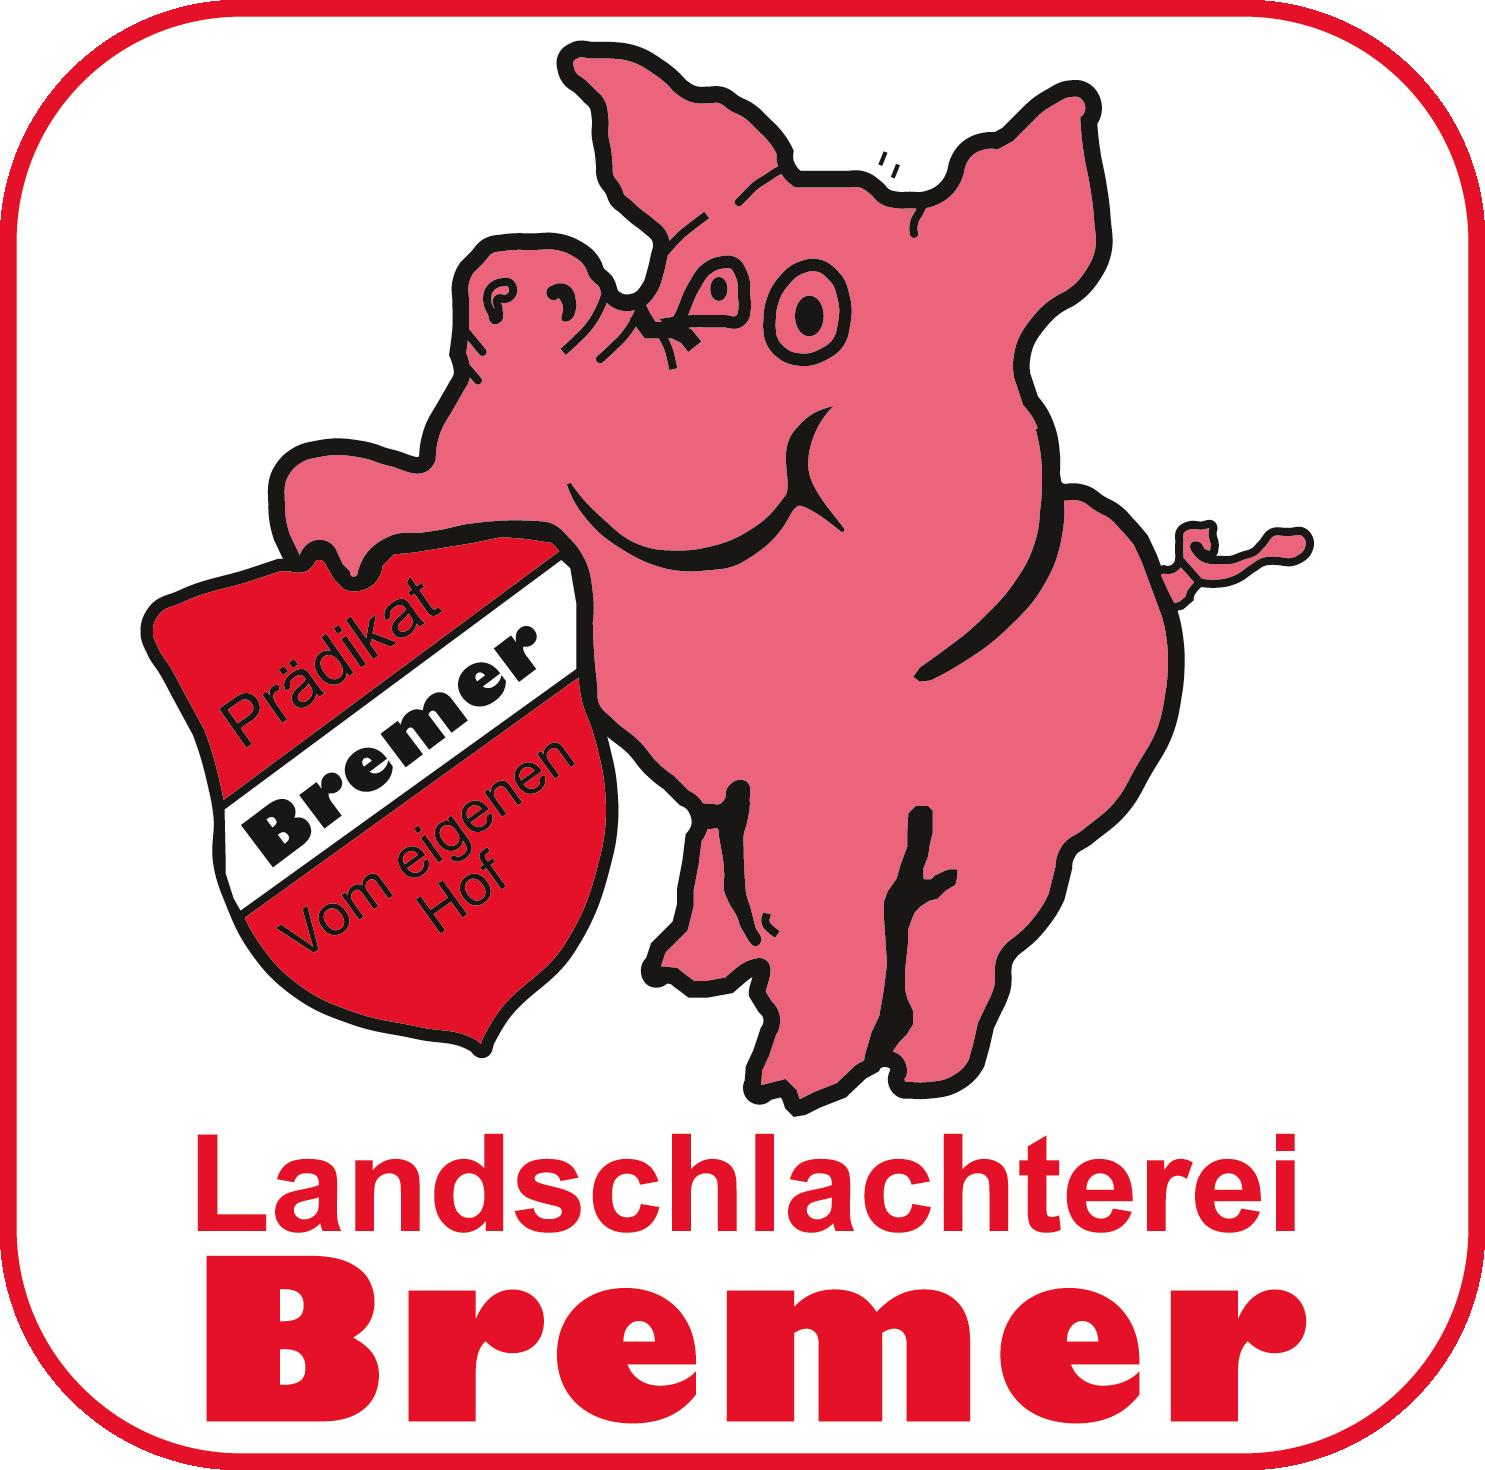 Landschlachterei Bremer